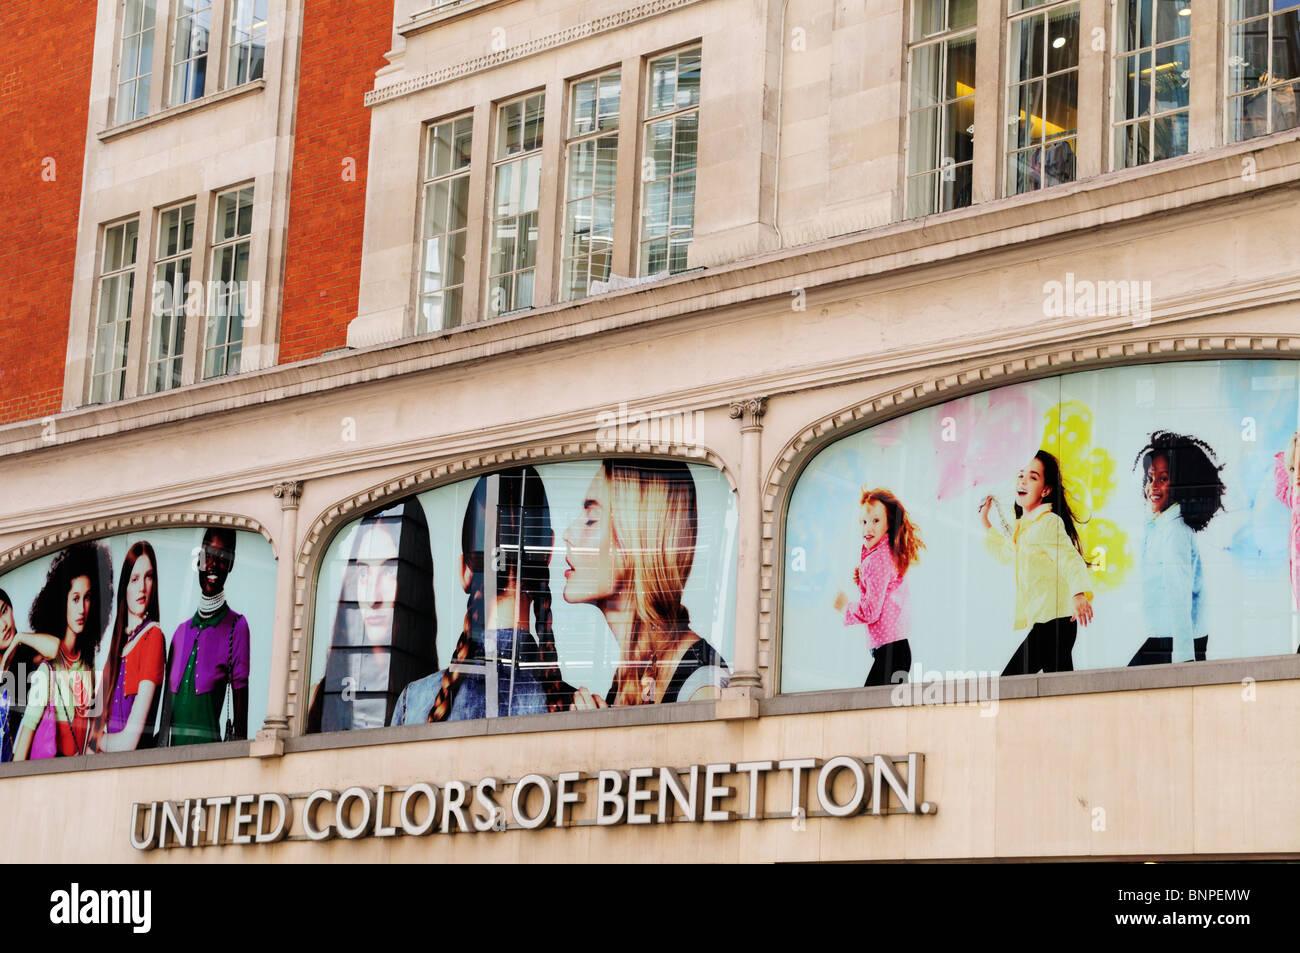 United Colors of Benetton, Brompton Road, Knightsbridge, London, England, UK - Stock Image